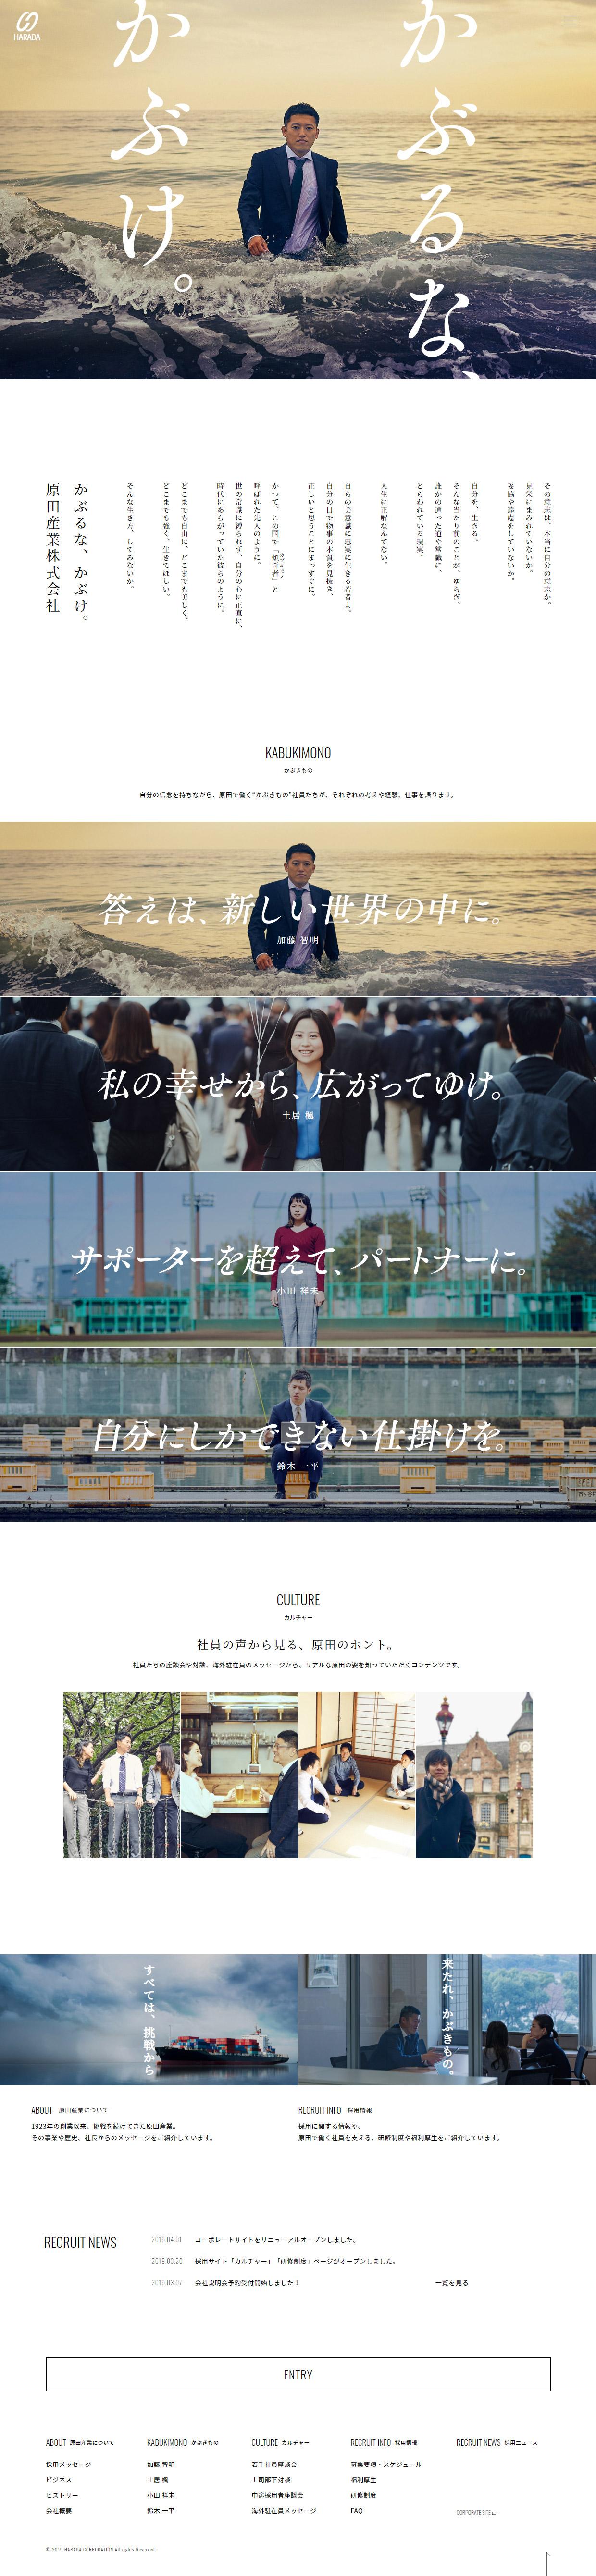 グローバル総合商社 原田産業株式会社 採用サイト